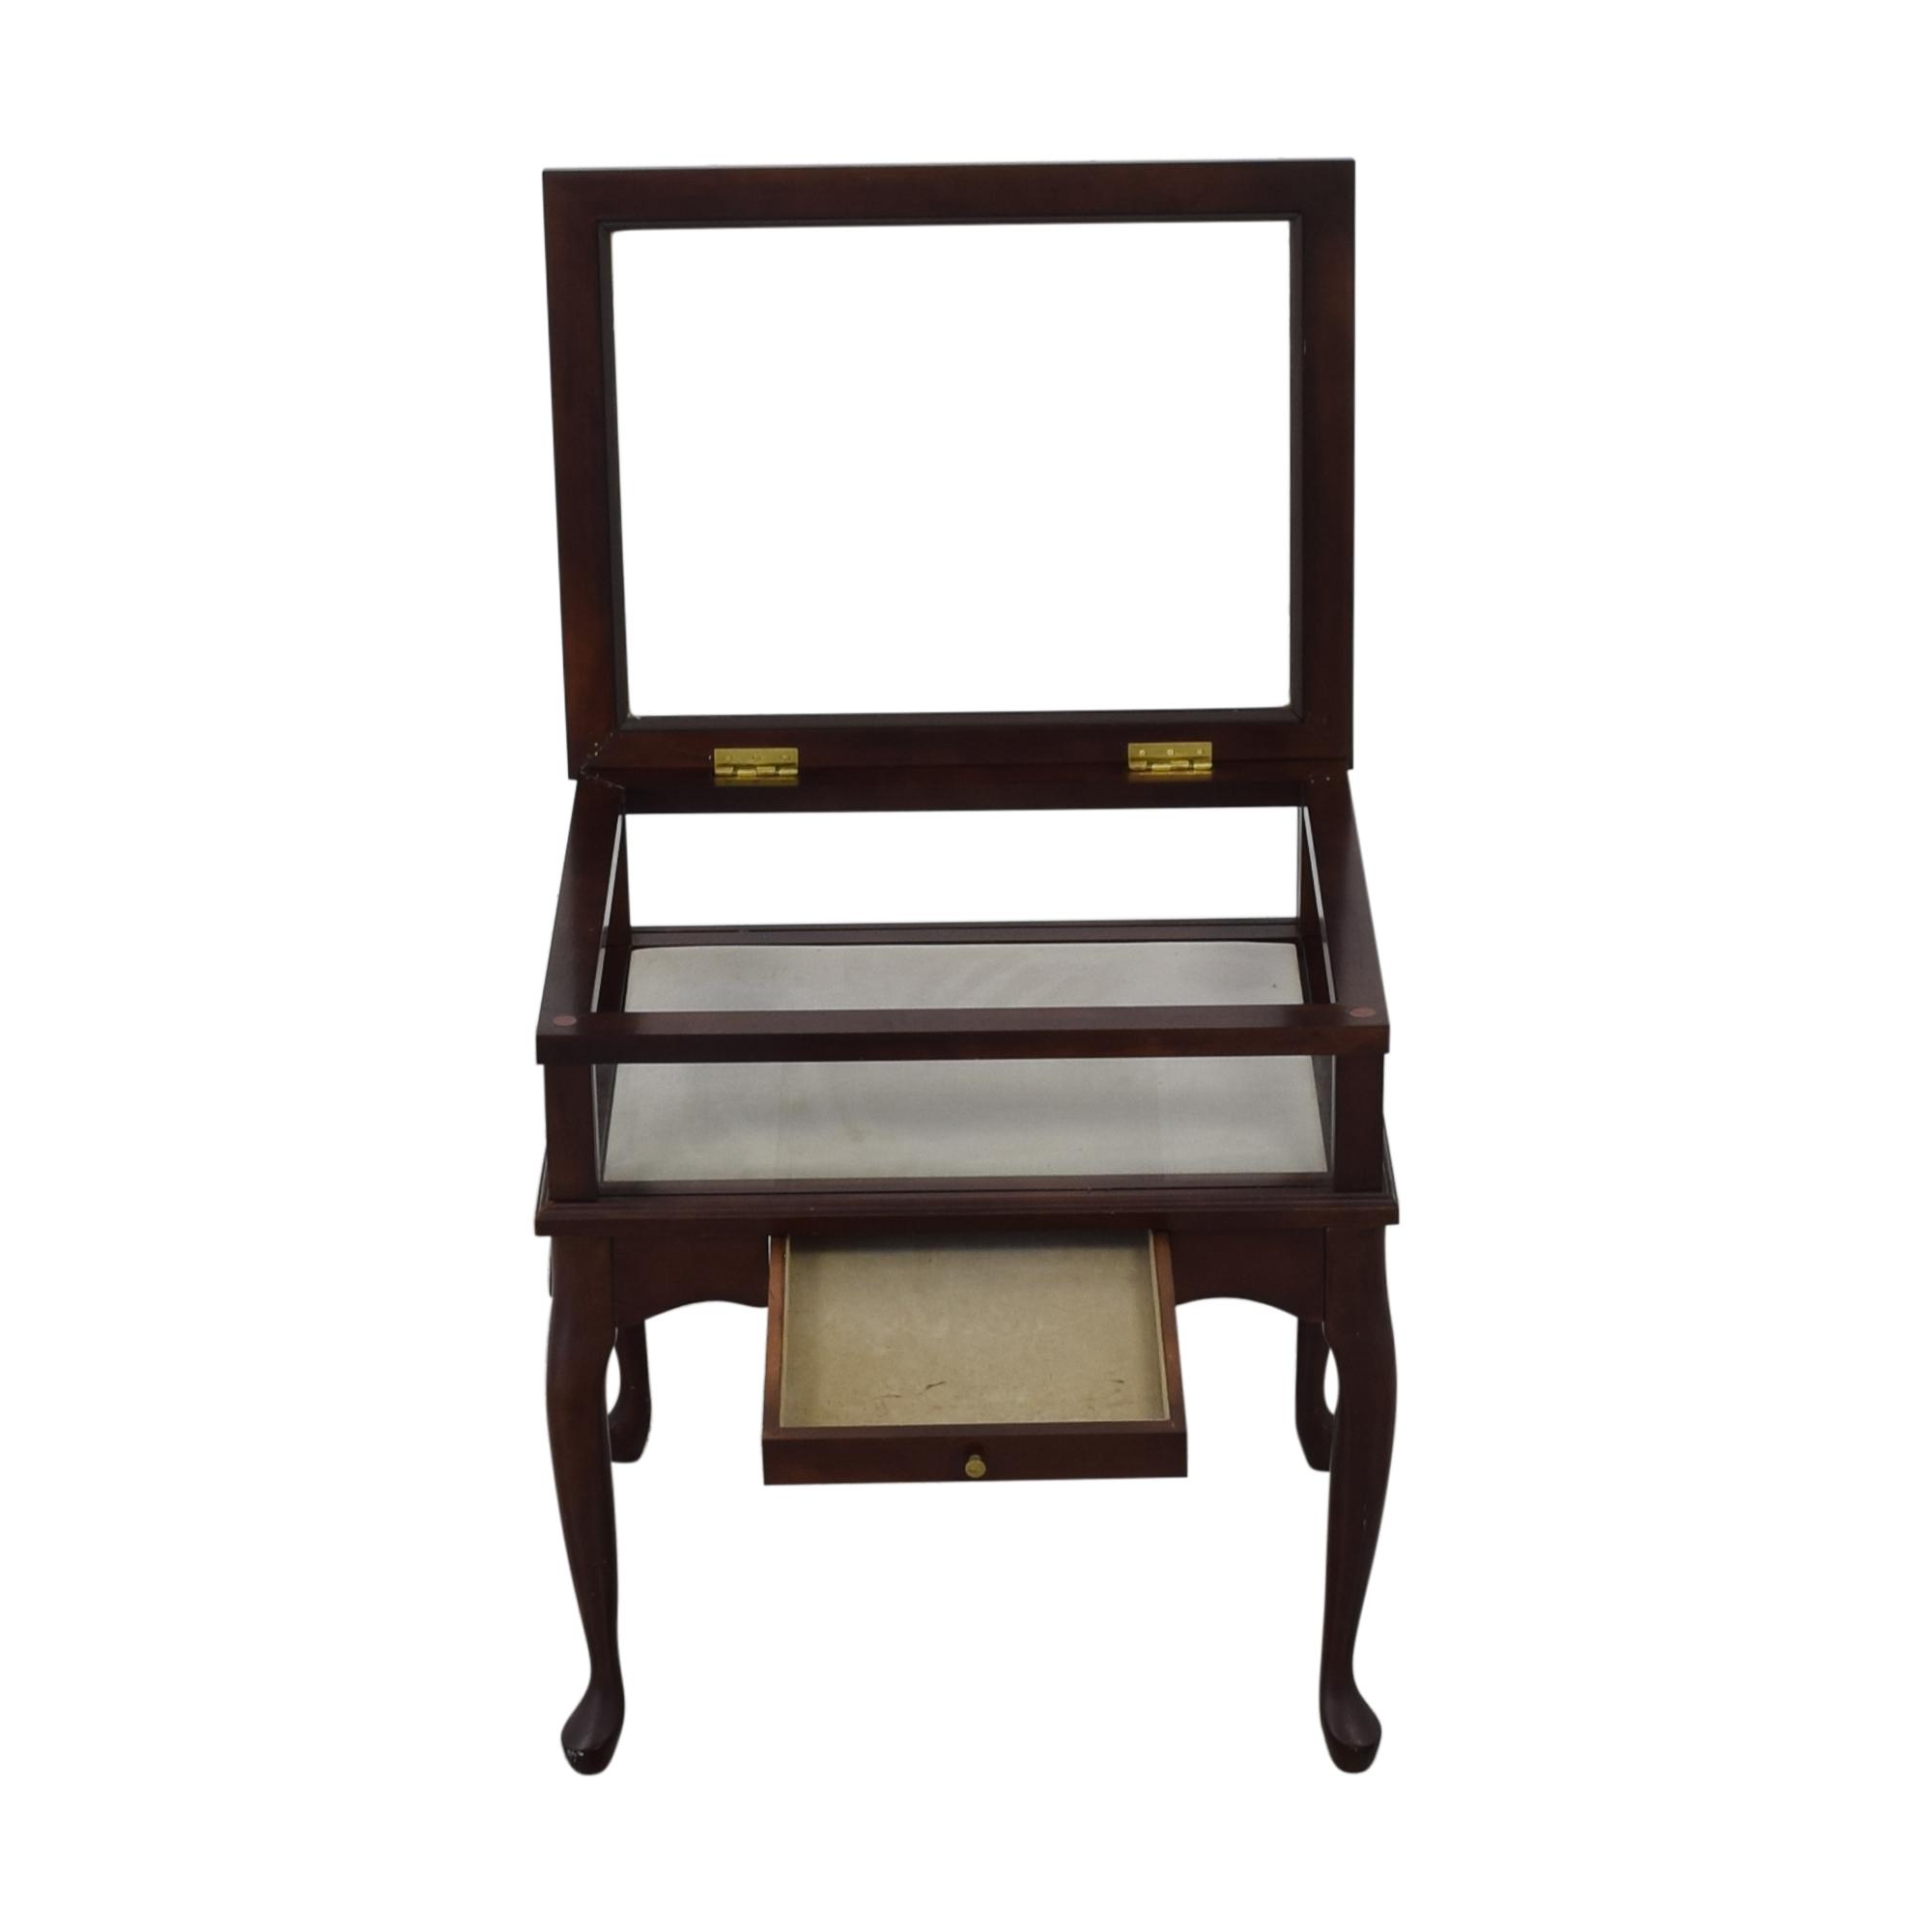 buy Bombay Company Display Table Bombay Company Accent Tables